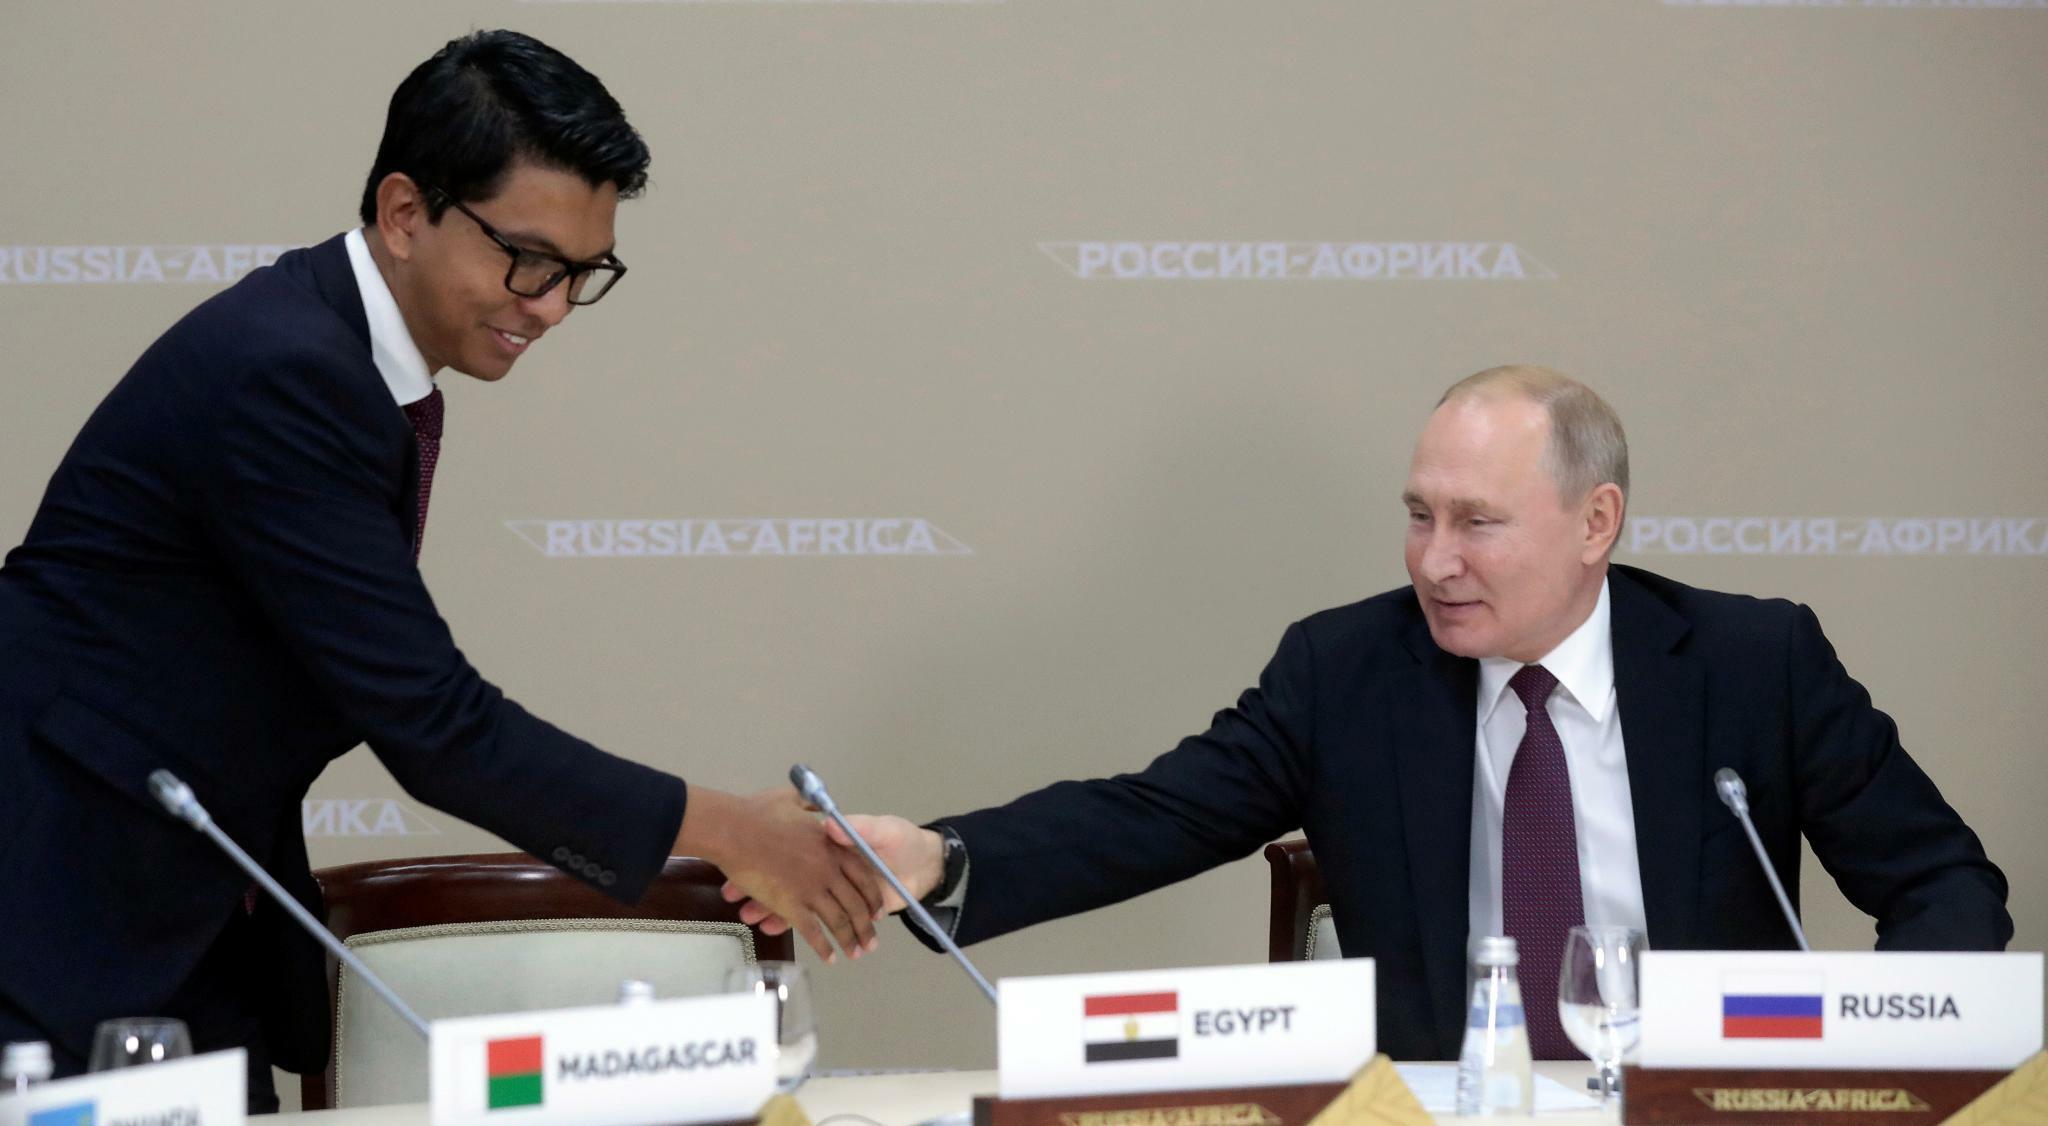 Russland und Afrika: Es geht um Macht, Waffen und Rohstoffe